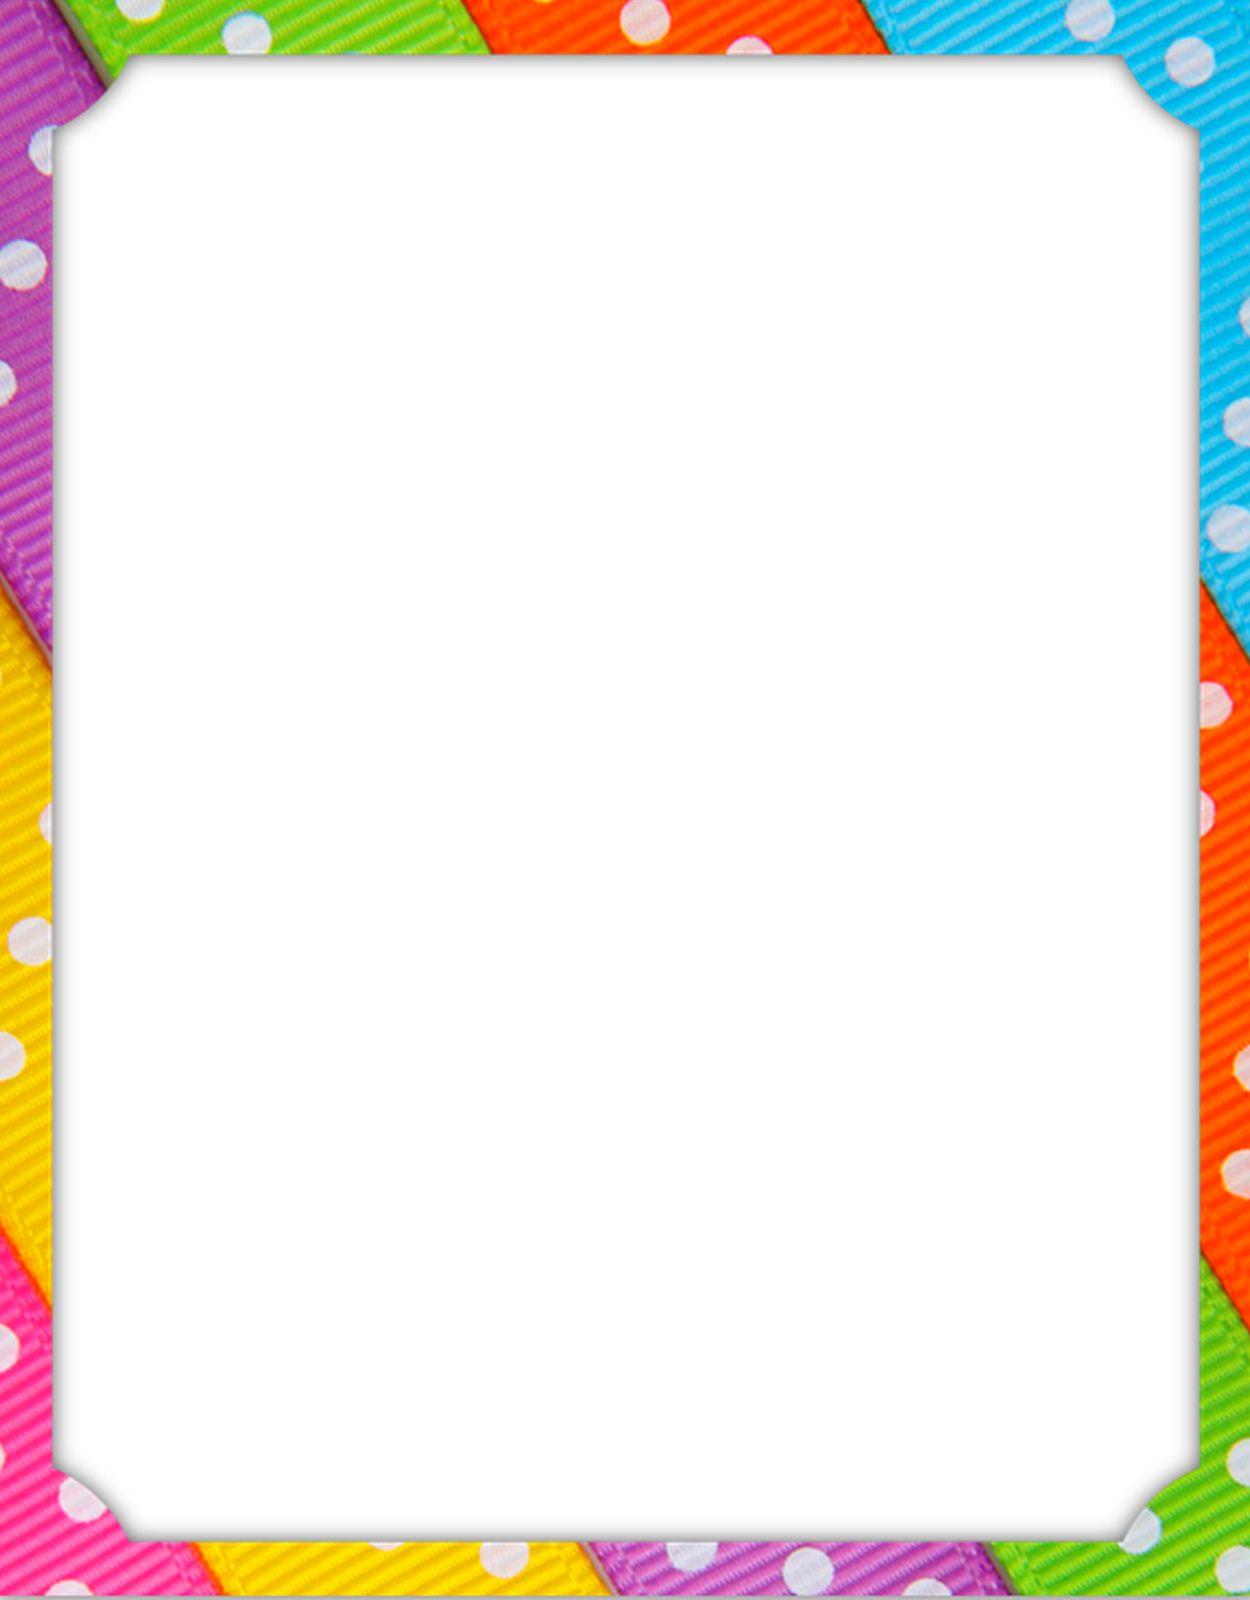 marcos para caratulas de cuadernos imagui